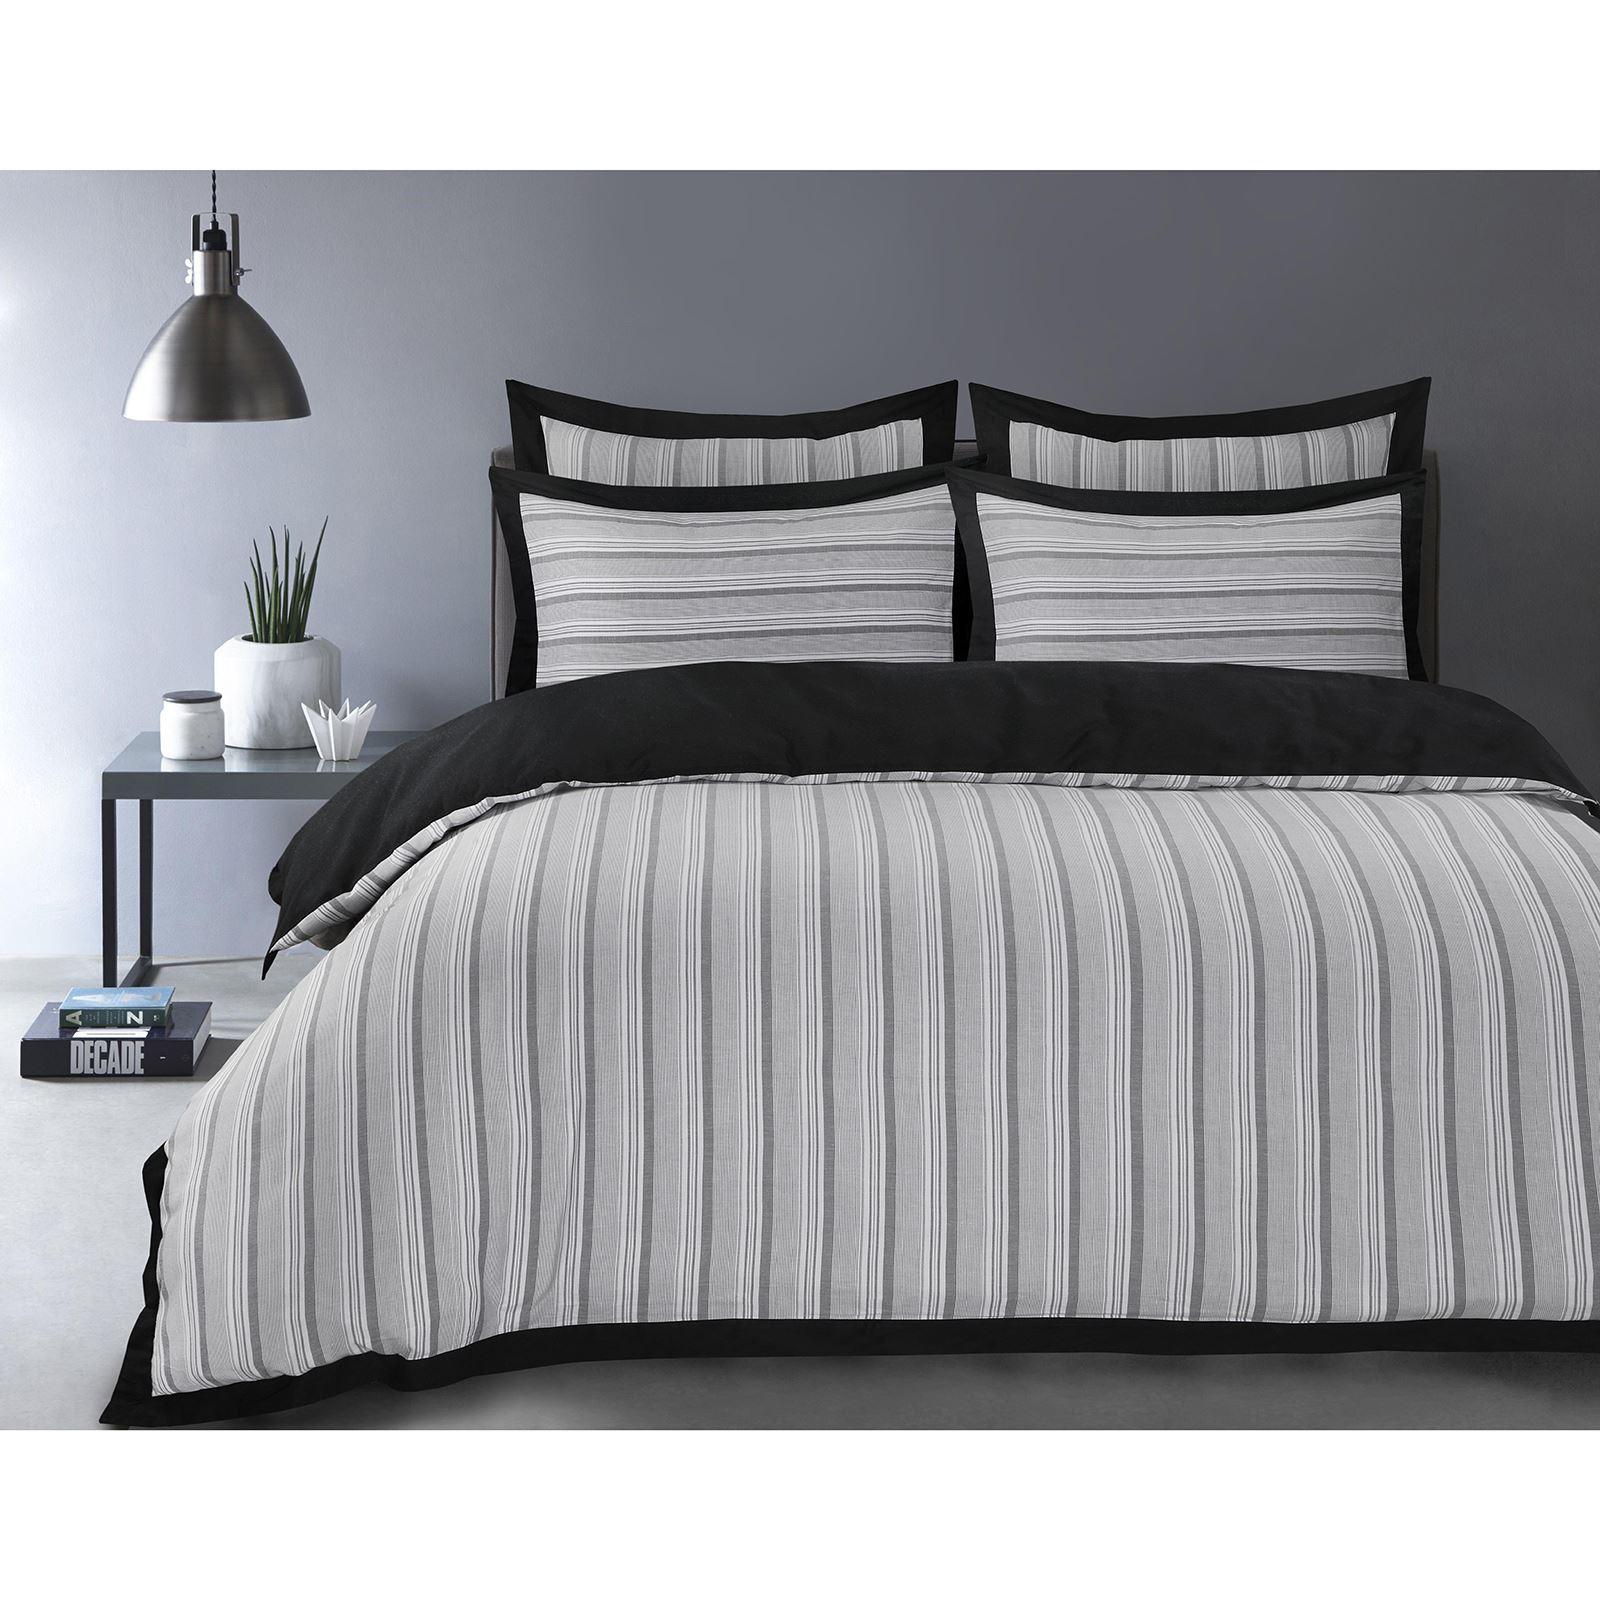 100-Algodon-Cuidado-facil-cubierta-del-edredon-edredon-multicolor-nuevo-conjunto-de-ropa-de-cama miniatura 4